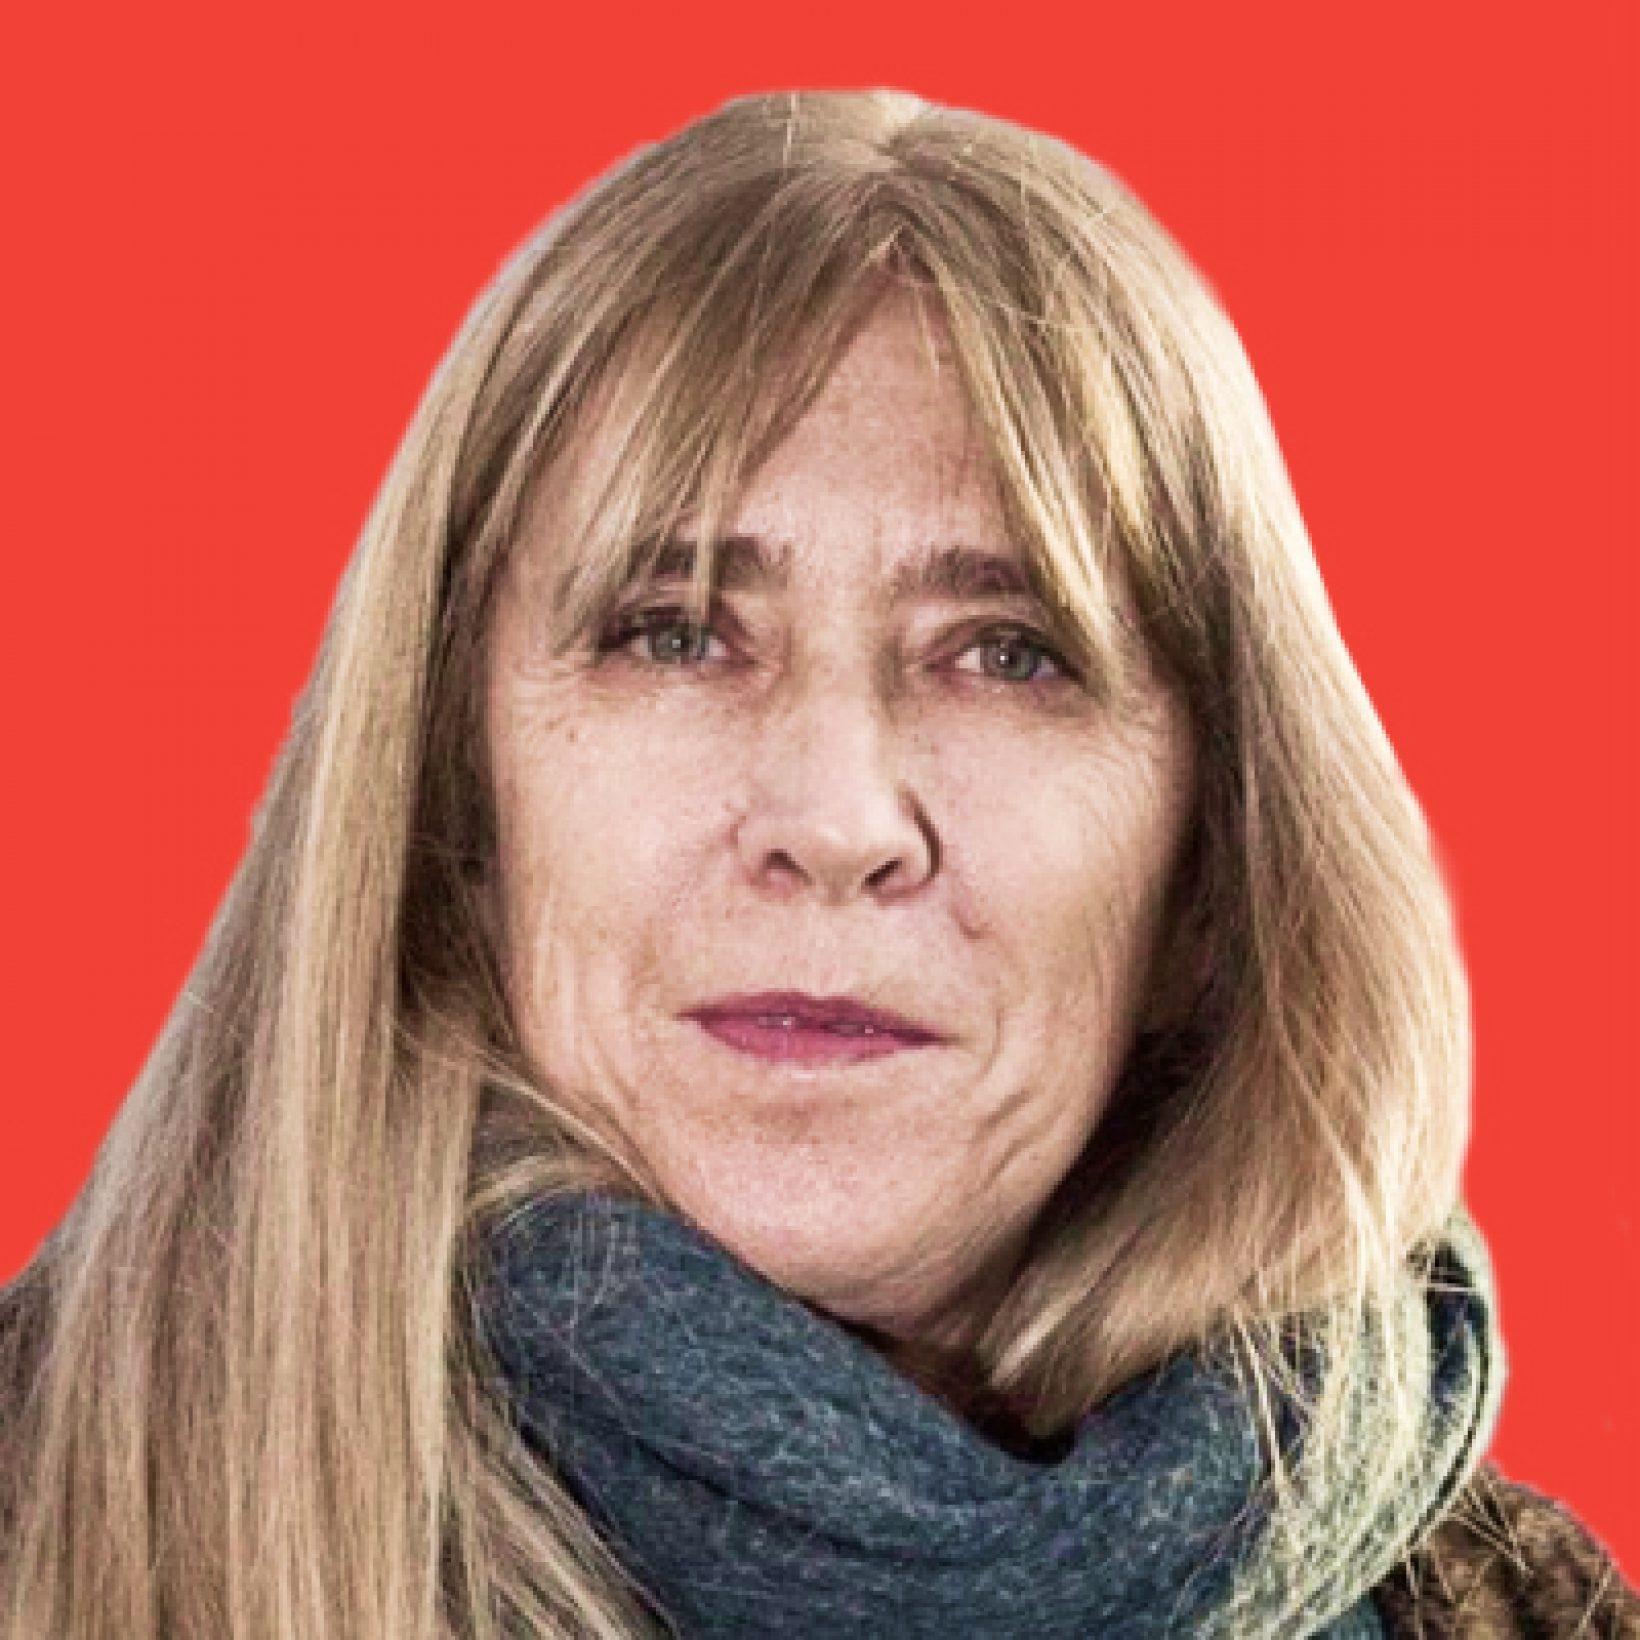 Bettina Bush Mignanego